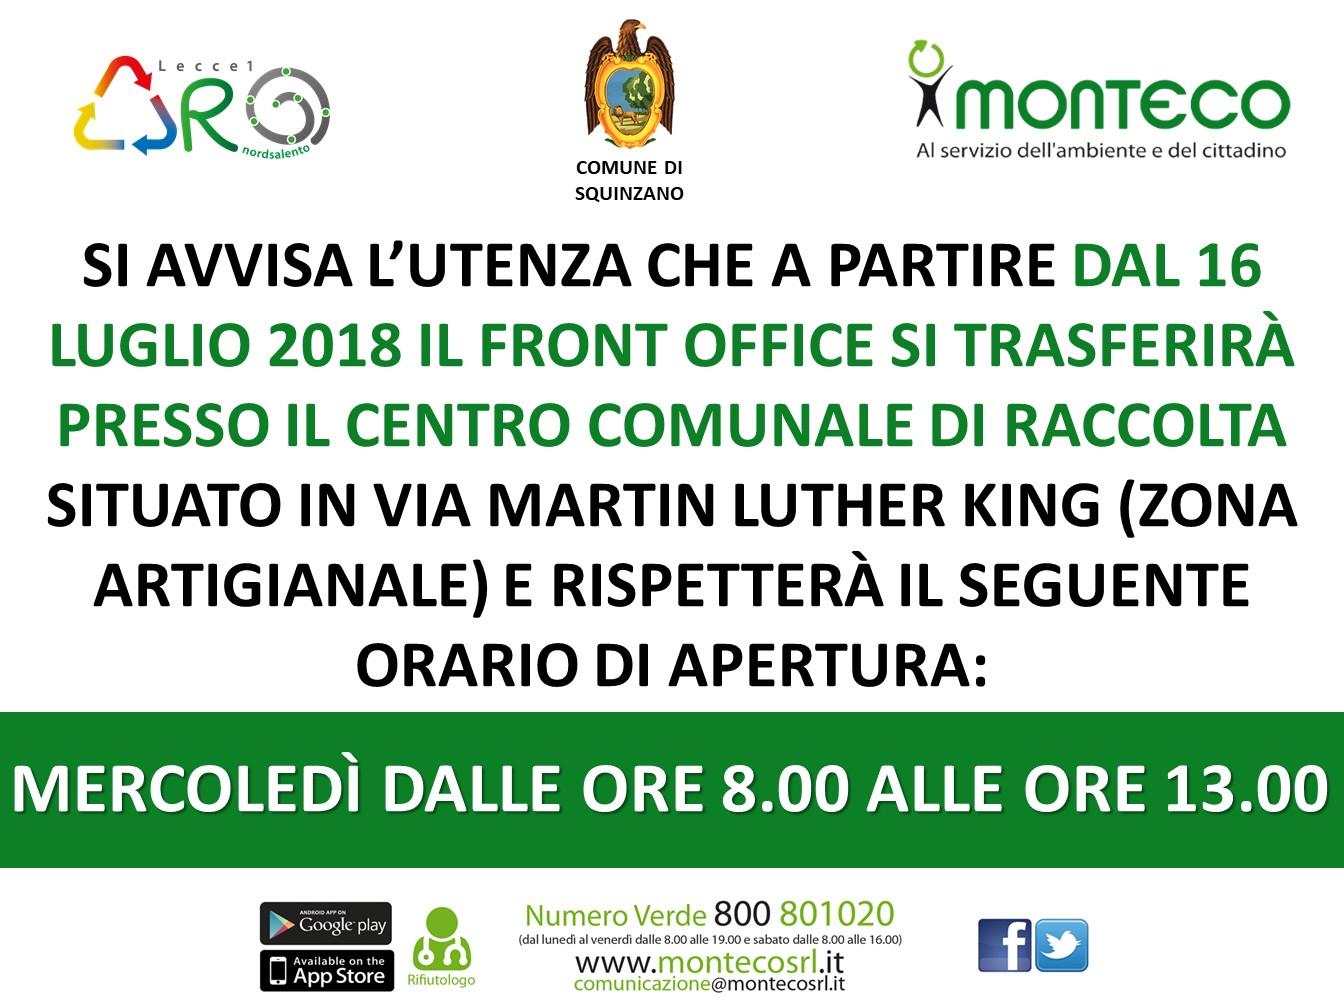 Trasferimento Front Office Squinzano presso Centro Comunale di Raccolta